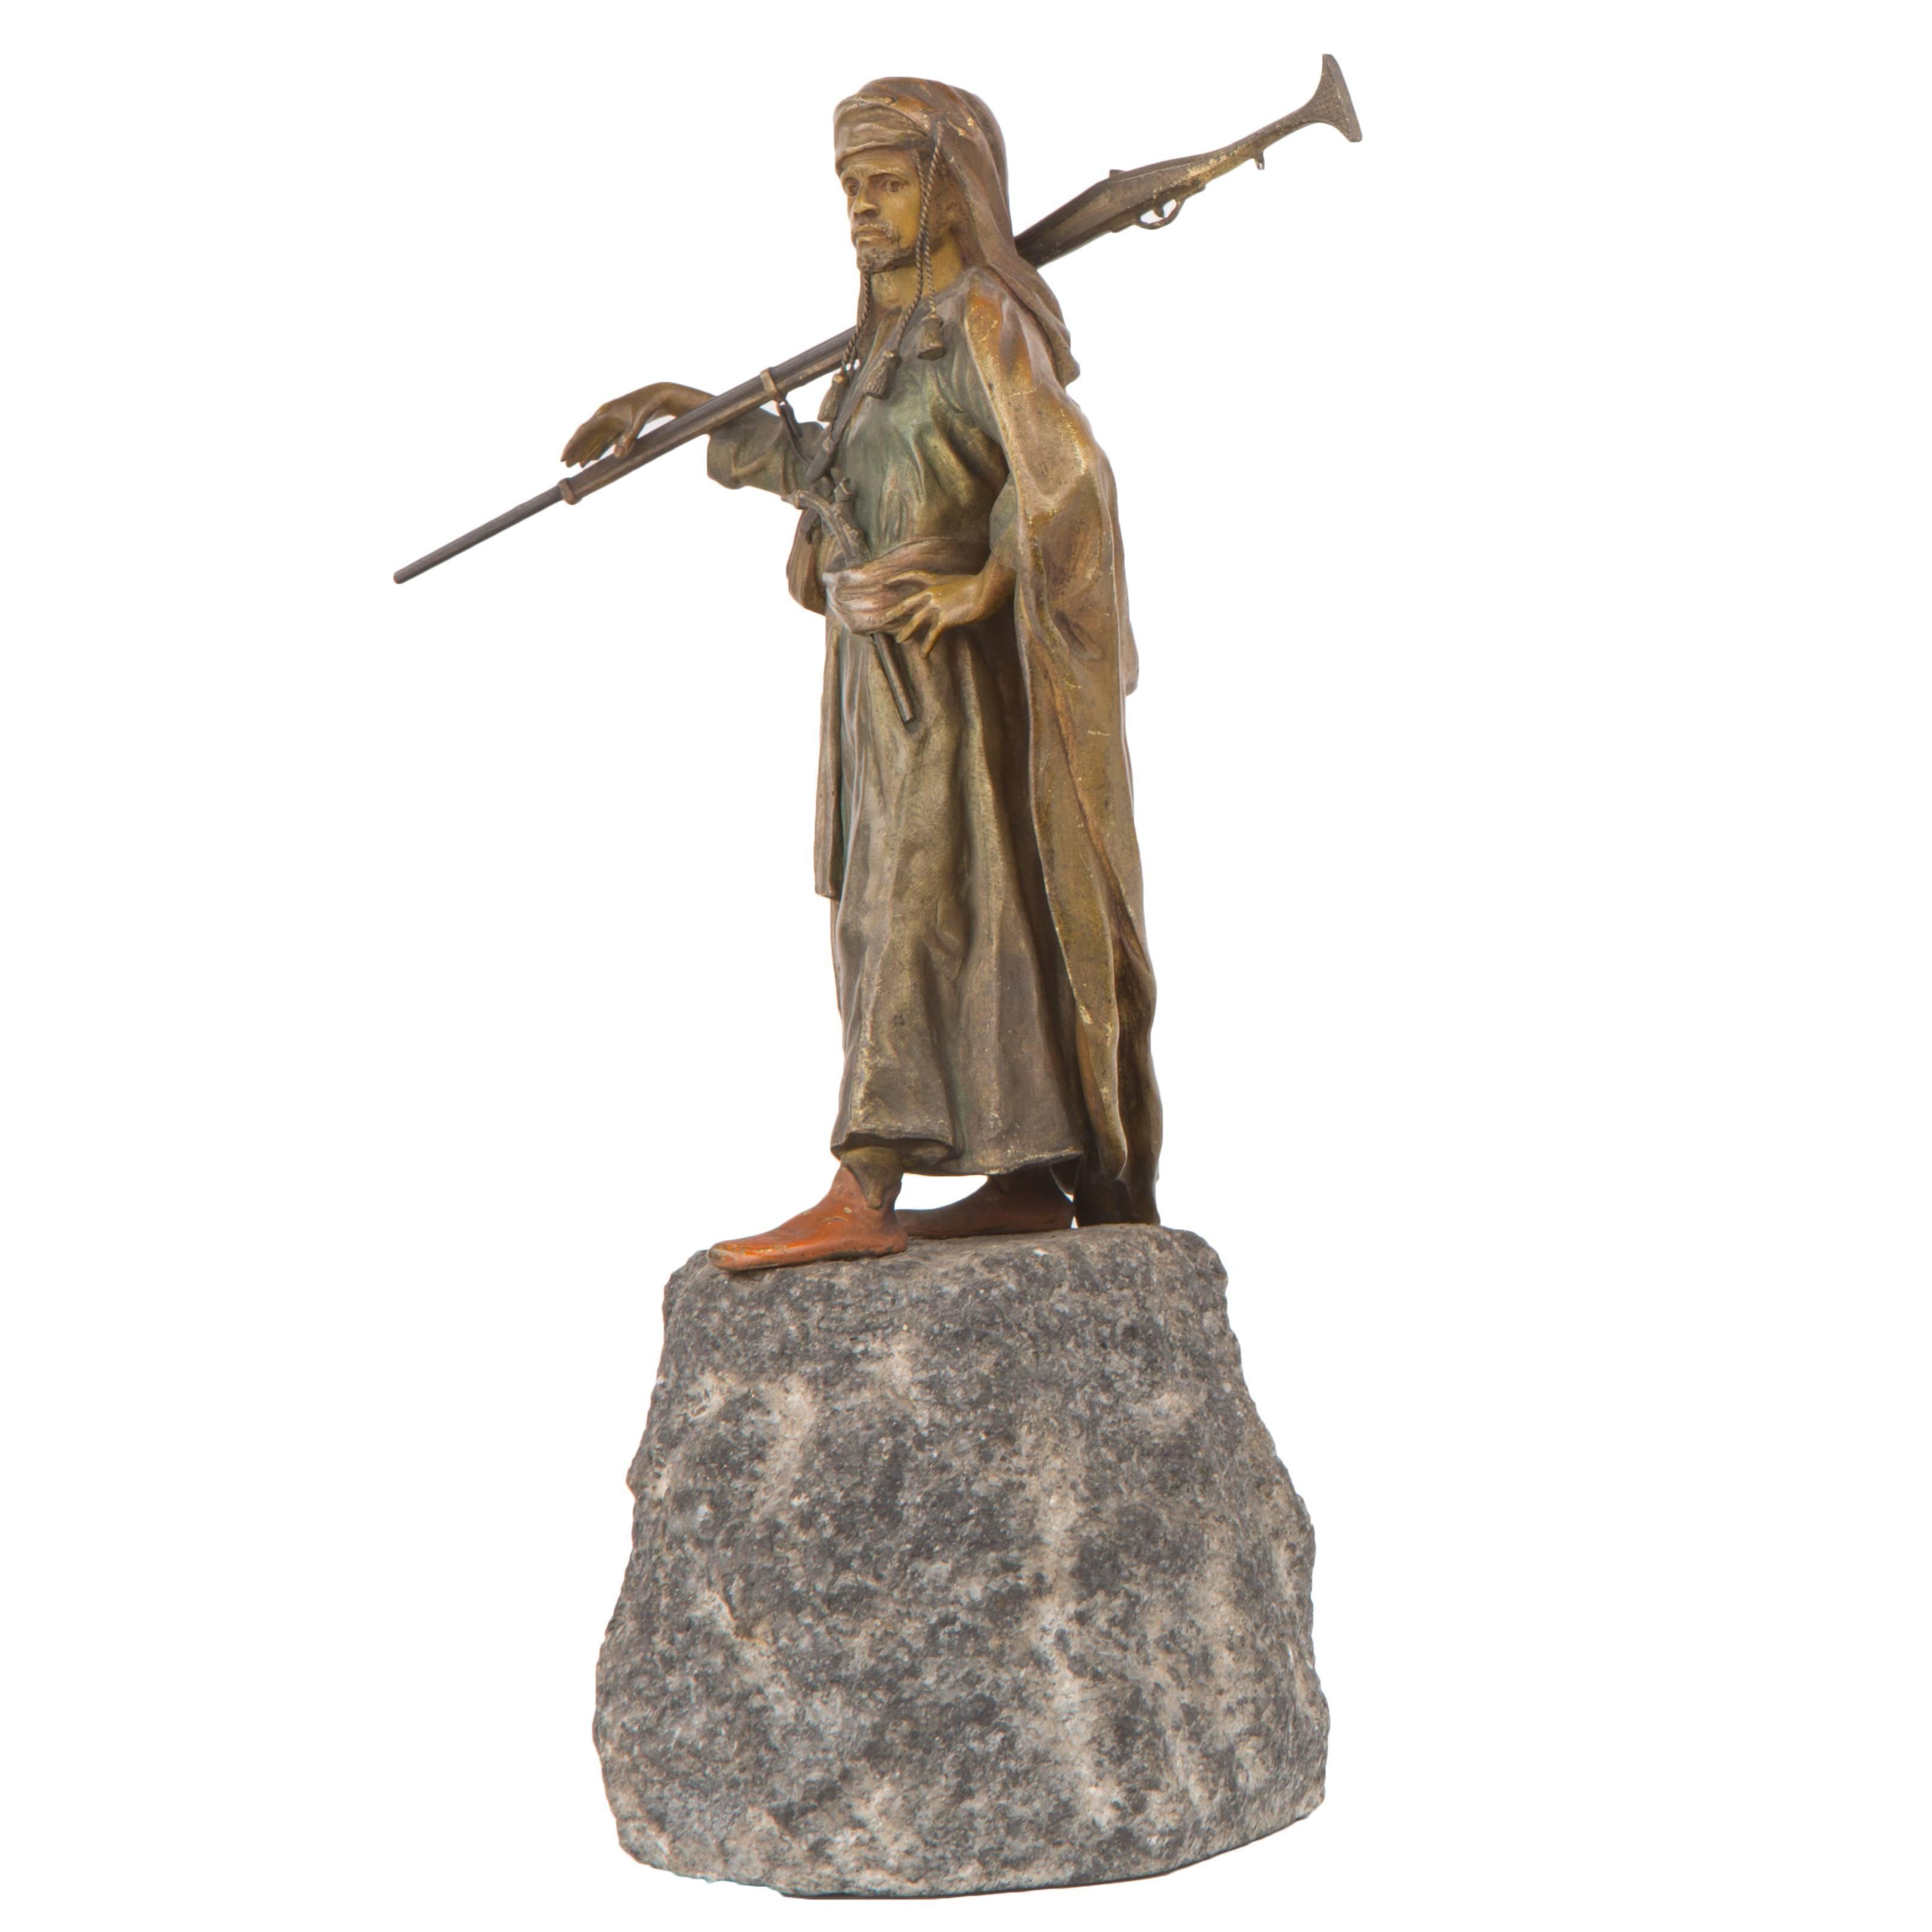 Vienna Bronze of an Arab Soldier by Franz Xavier Bergman